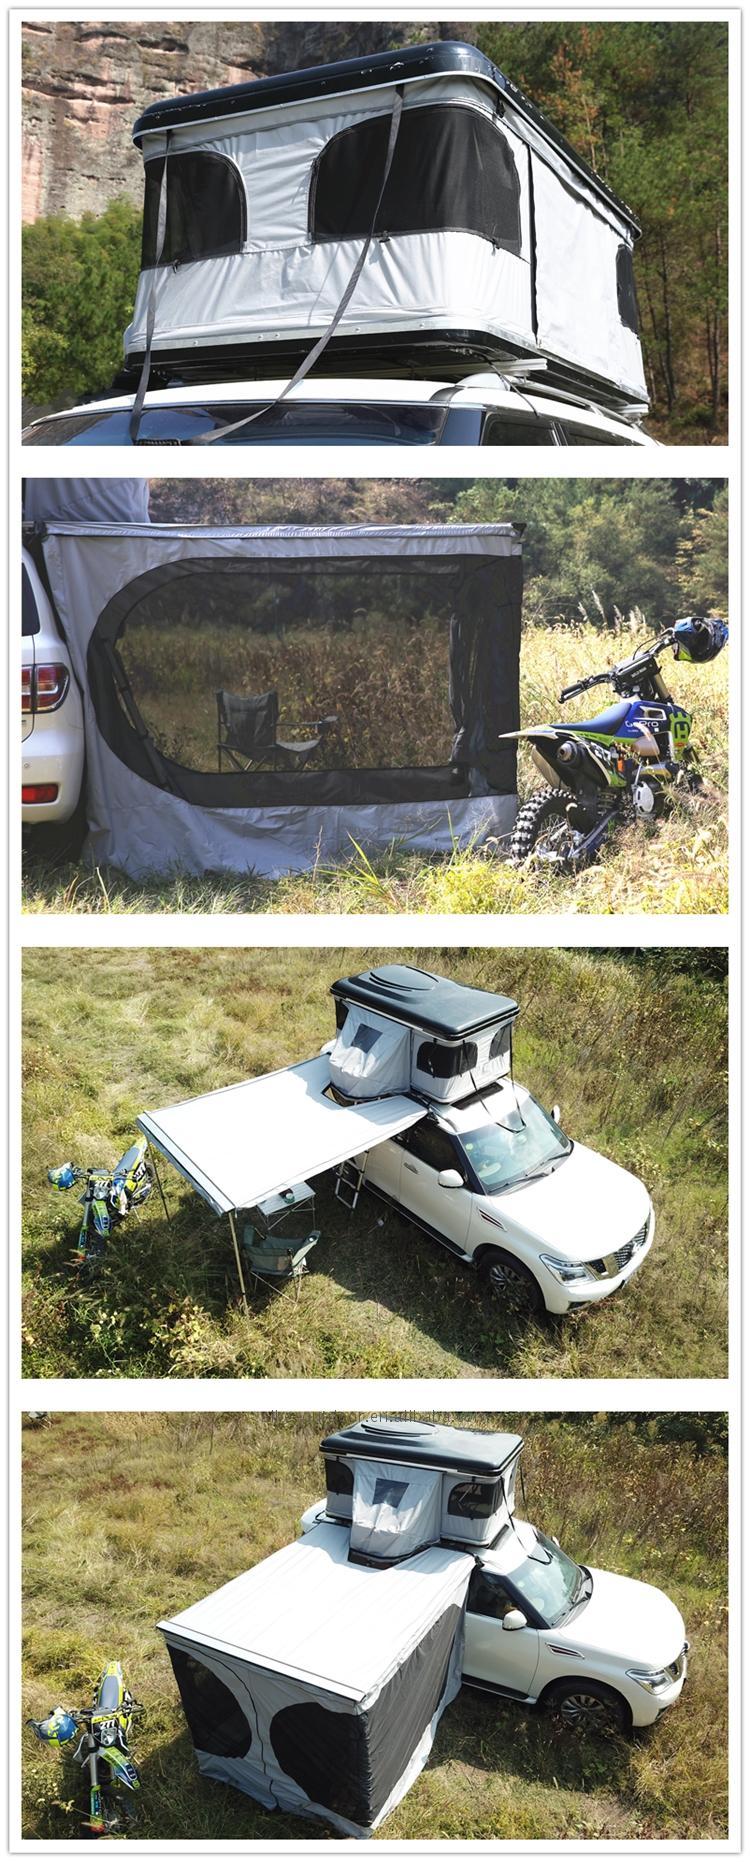 Goedkope en hoge kwaliteit craigslist canvas tenten ultralight 2 persoon gebruikt roof top tent te koop